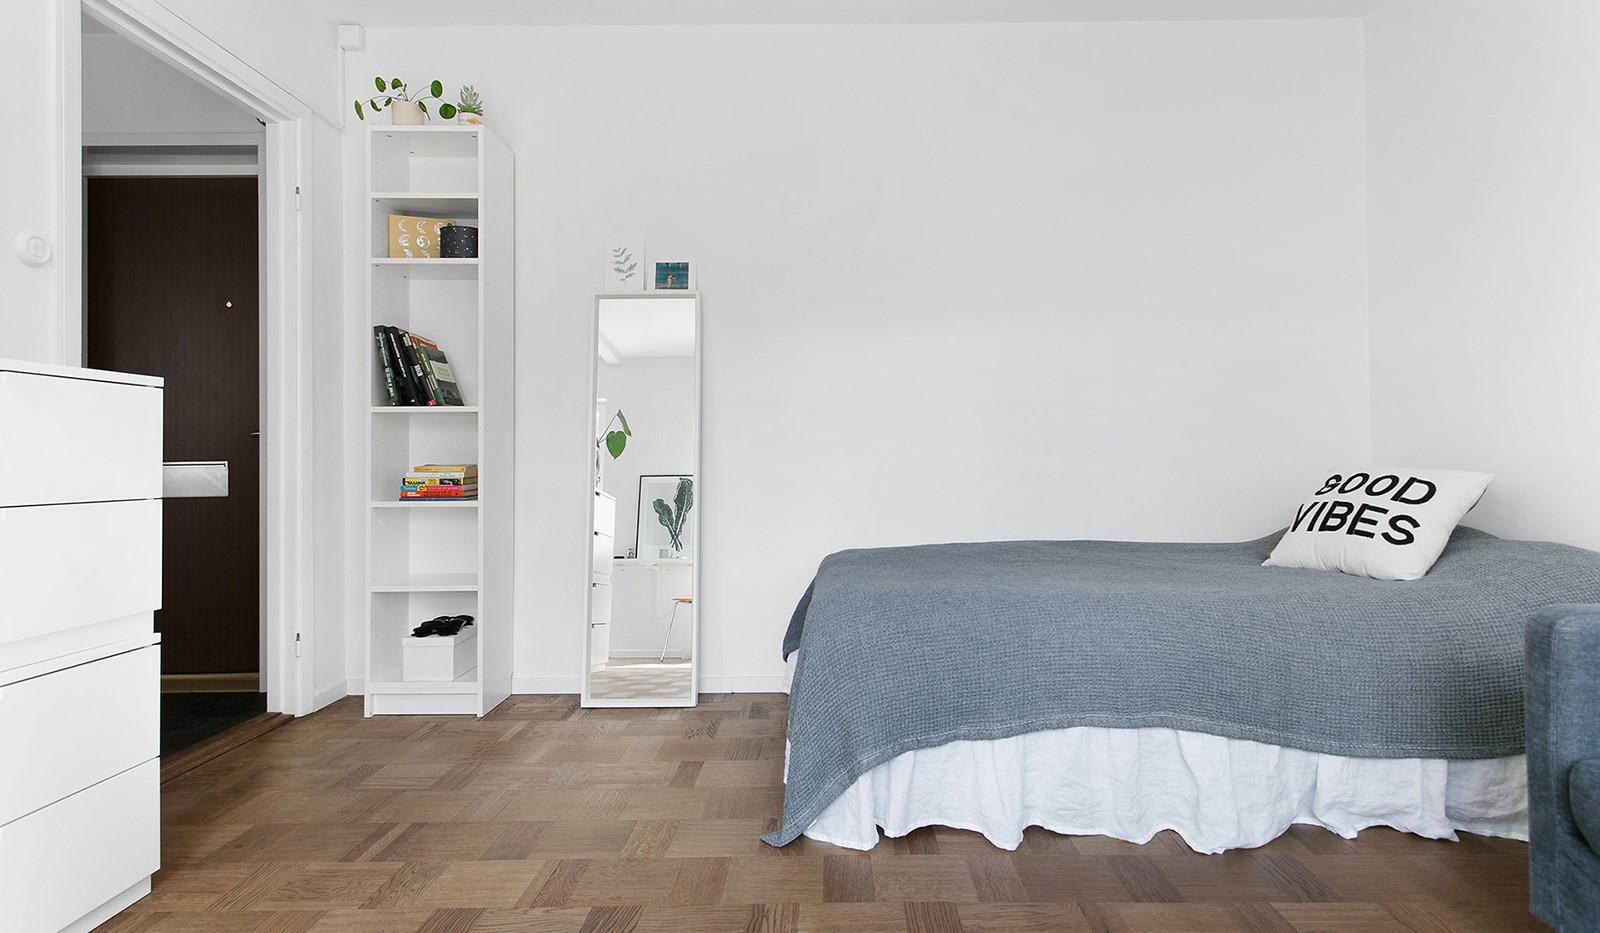 Kolbäcksgränd 28, 2 tr - Rummet erbjuder flera olika sätt att möblera